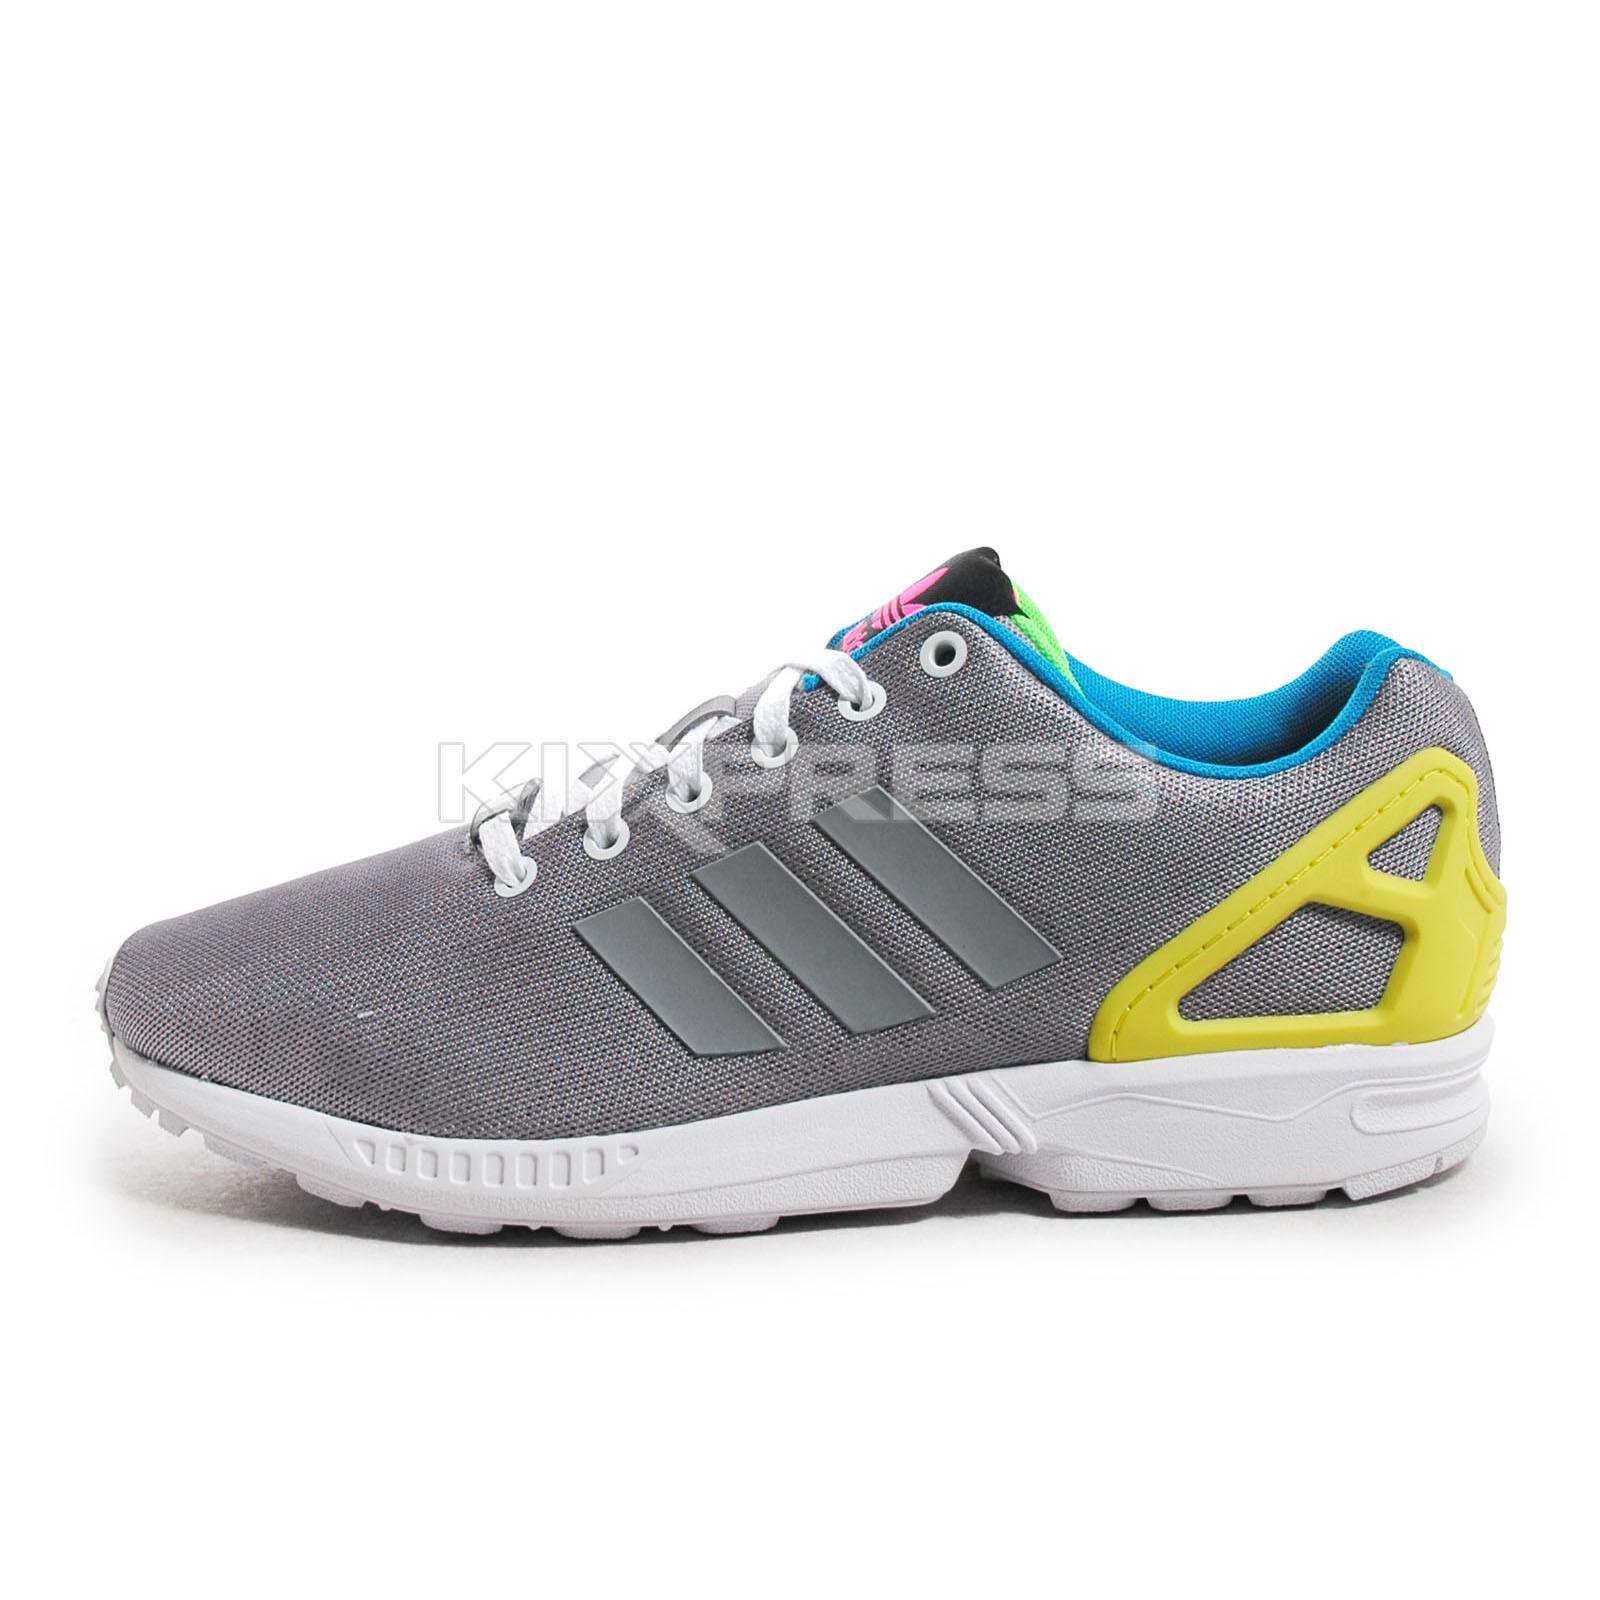 Adidas Originals ZX Flux [M21311] Chaussures de sport pour homme Argent / Jaune-Blanc